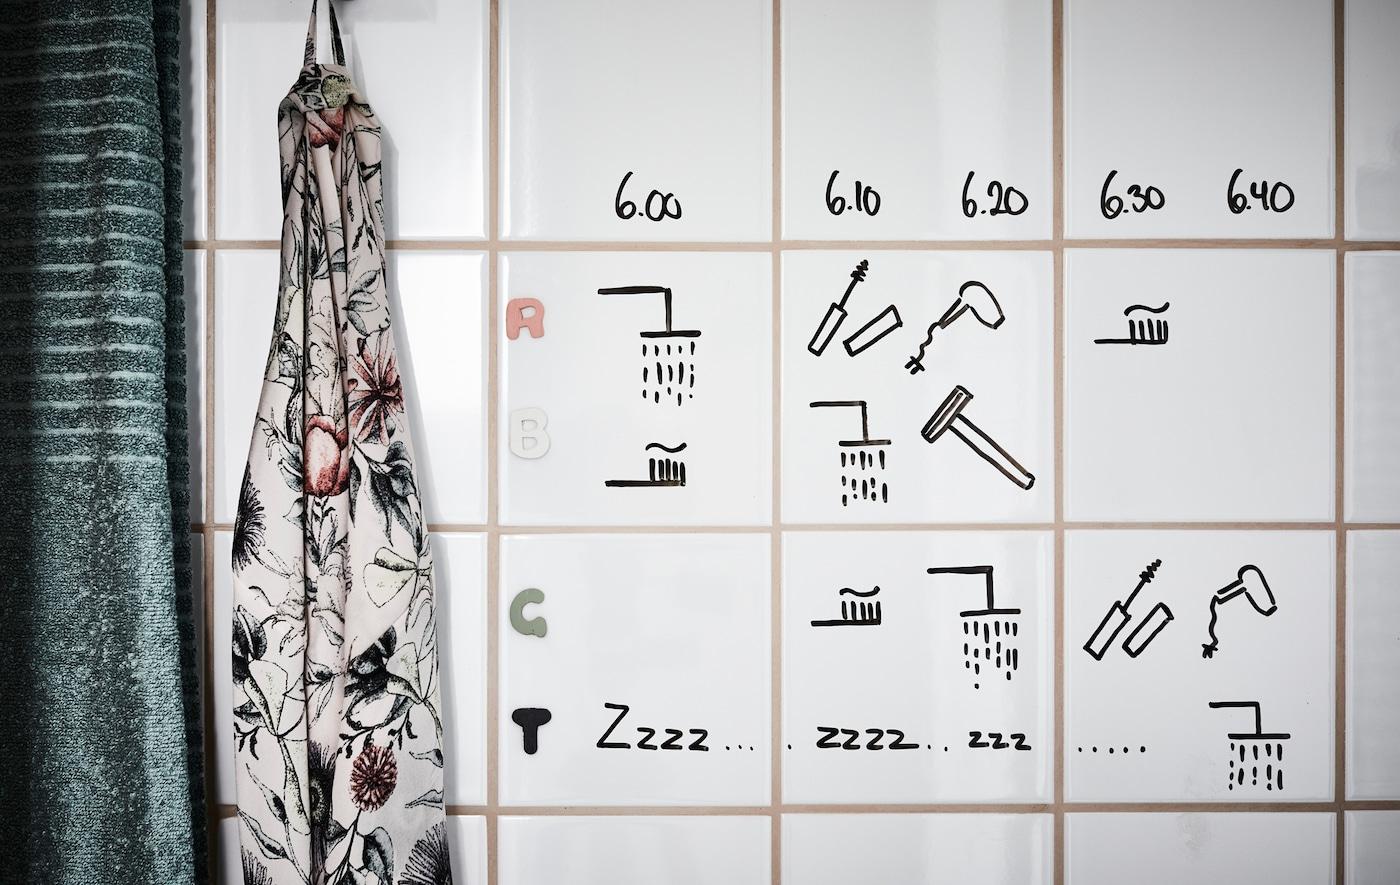 Es gibt immer Möglichkeiten, den morgendlichen Stau im Bad zu umgehen. Wie wäre es z. B. mit einem individuellen Zeitplan auf den Badezimmerkacheln?